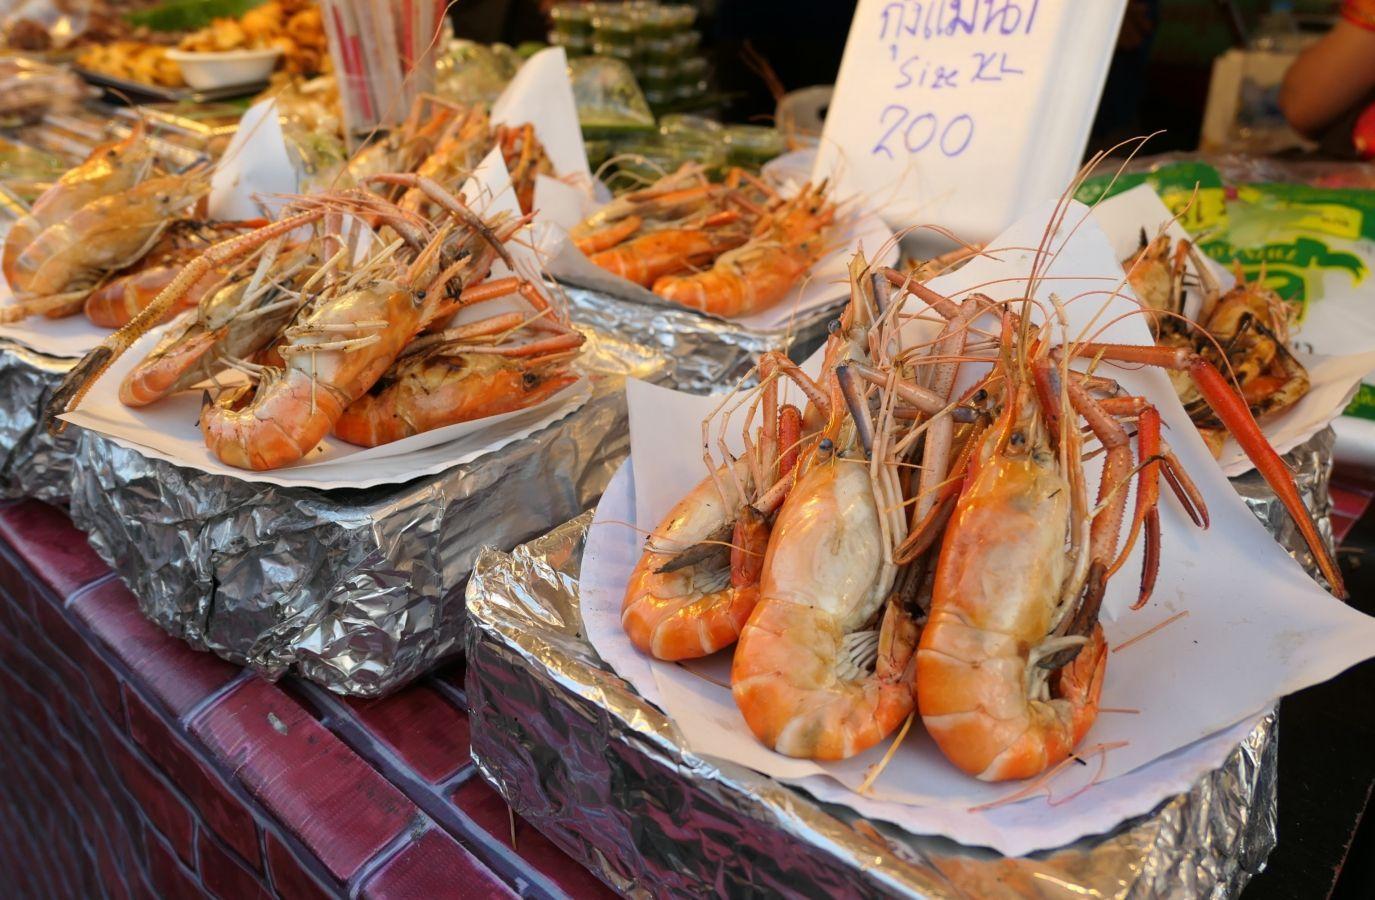 Gastronomadistas | La comida en Tailandia: aprende a distinguir las variedades regionales, diferenciar los distintos tipos de platos y sacarle el máximo partido a la comida callejera.